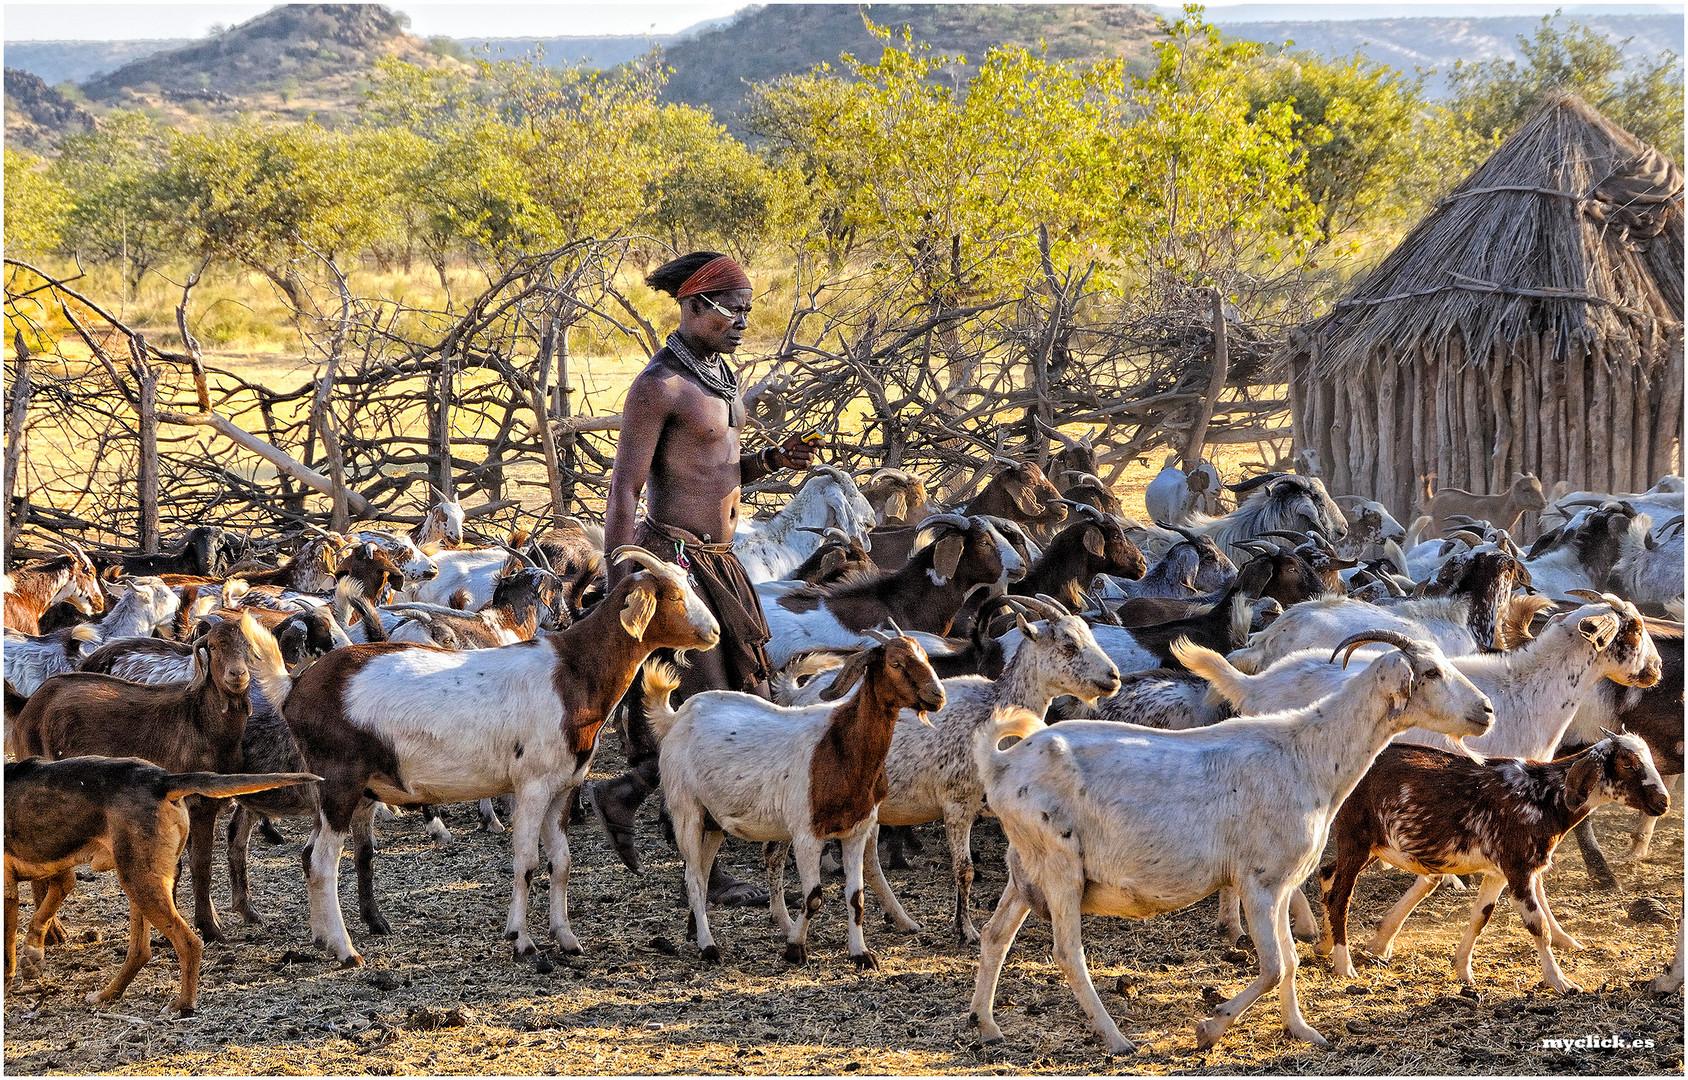 MEMORIAS DE AFRICA-LA RECOGIDA DEL GANADO -LOS HIMBAS -KUKENE -NAMIBIA